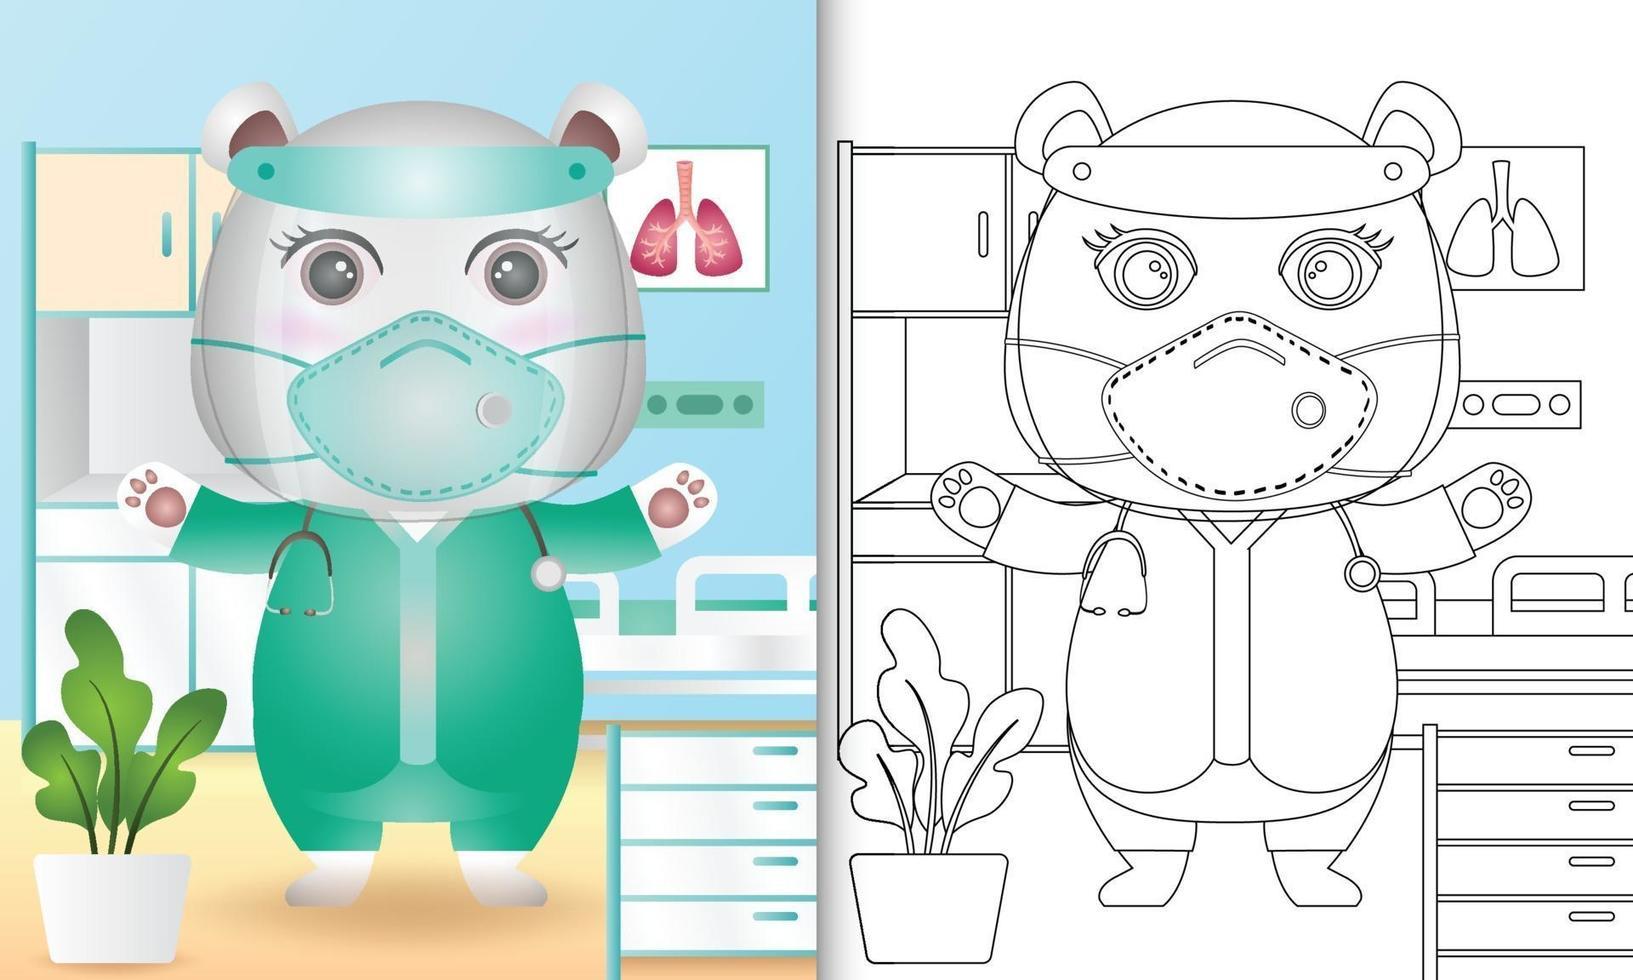 livre de coloriage pour les enfants avec une illustration de personnage mignon ours polaire vecteur